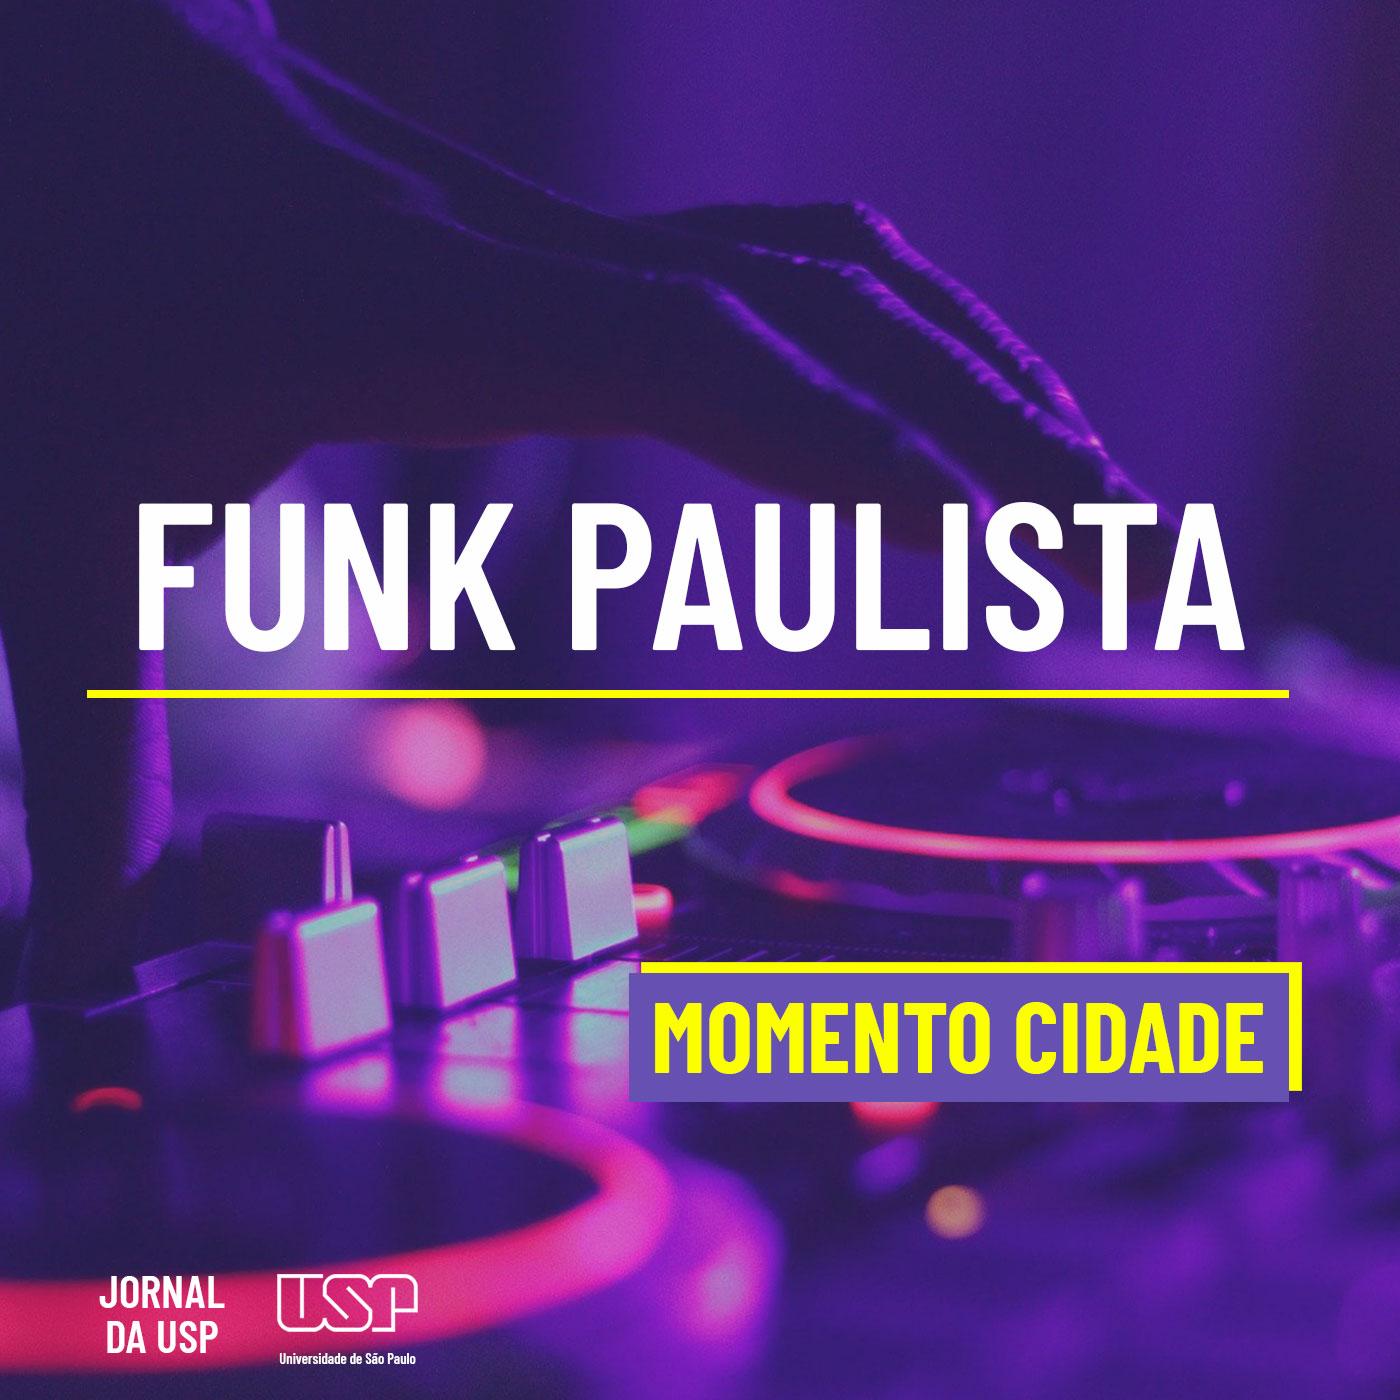 Momento Cidade #37: Como São Paulo transformou a cultura do funk?